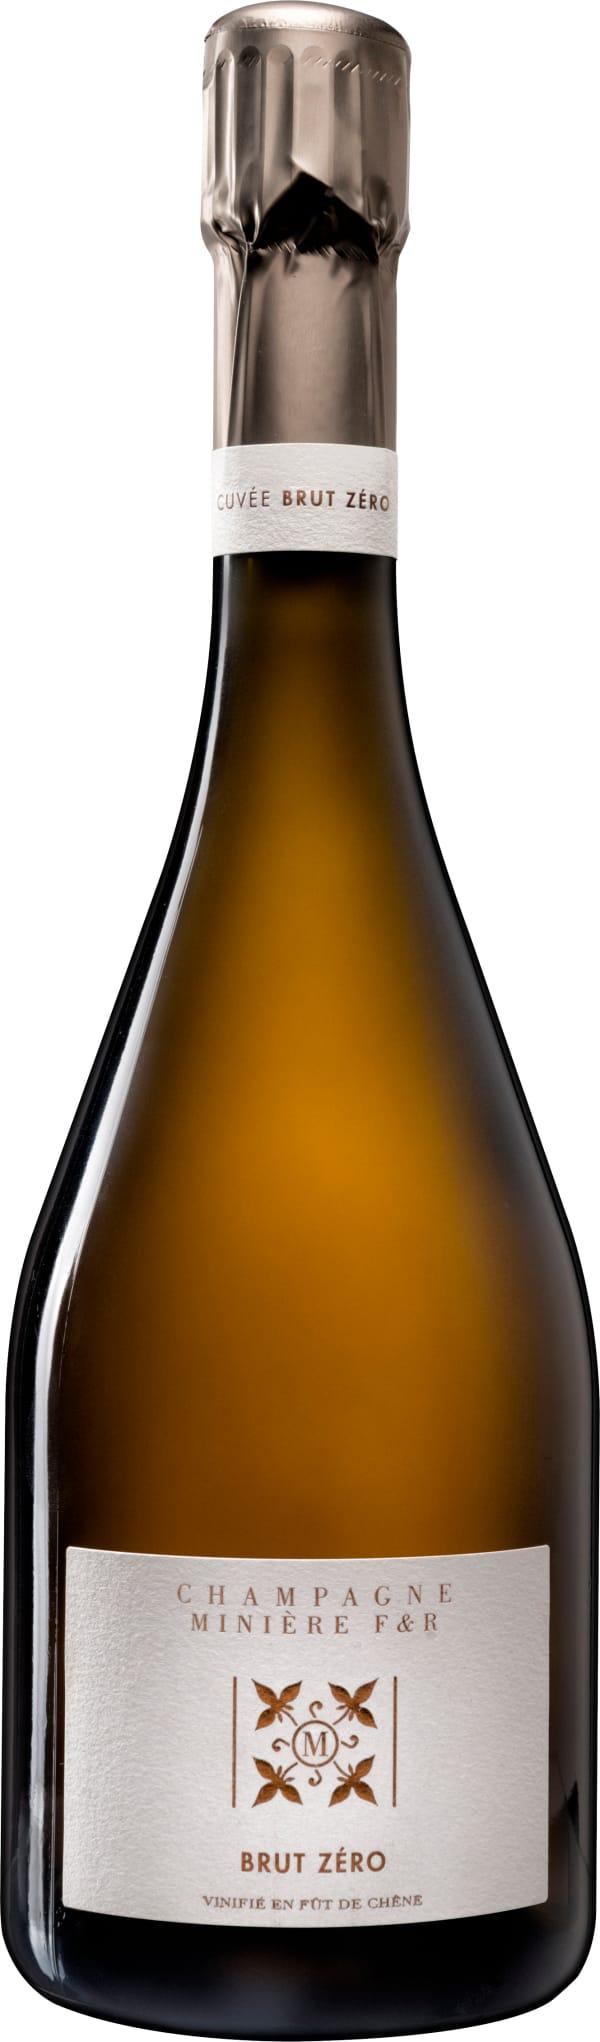 Minière F & R Champagne Brut Zéro